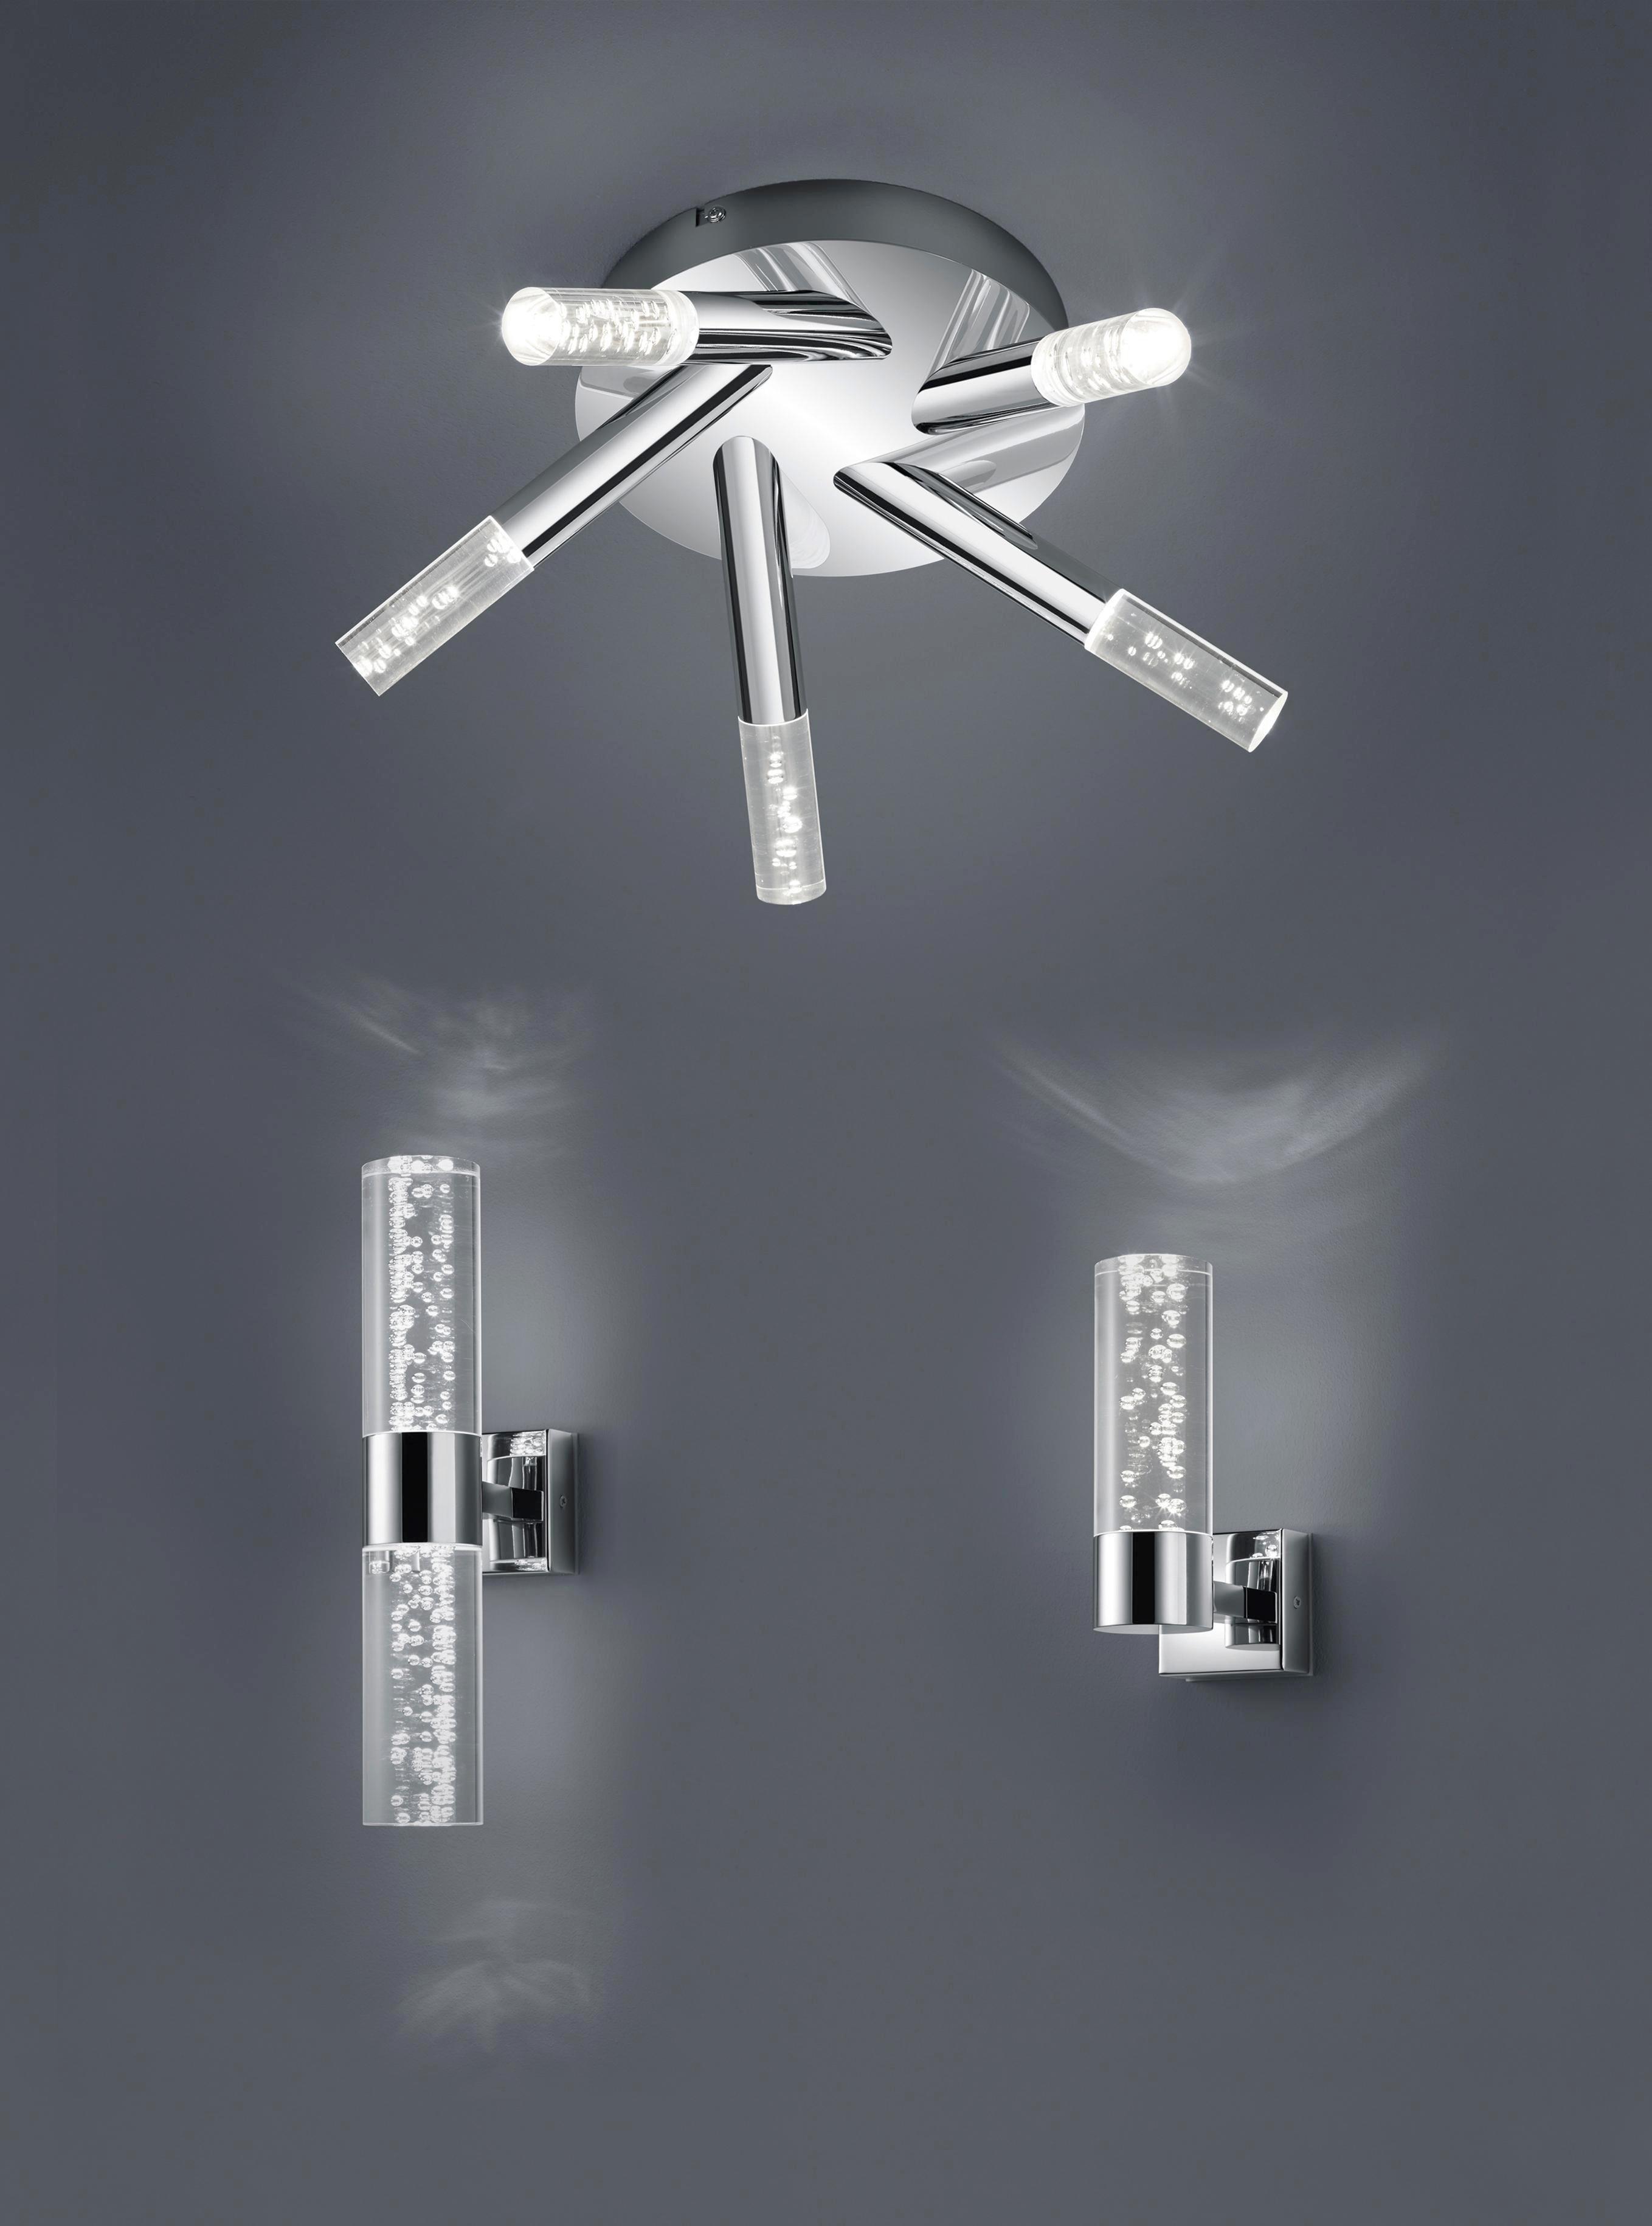 BADEZIMMER-DECKENLEUCHTE - Chromfarben/Klar, Design, Kunststoff/Metall (41,5/16,5cm)